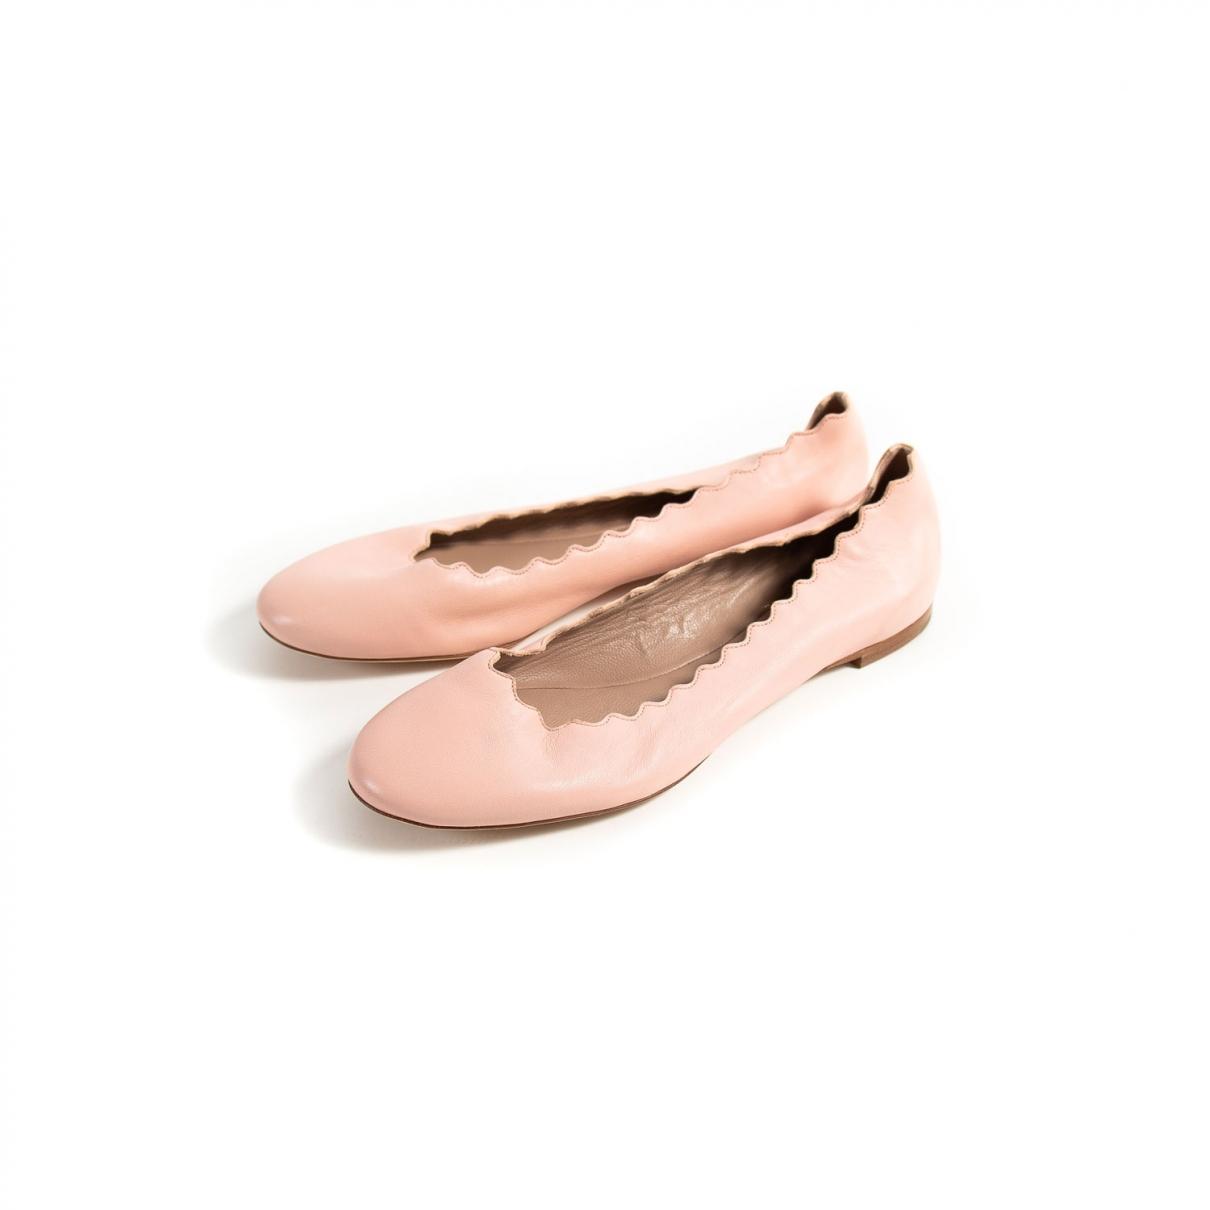 Chloe - Ballerines Lauren pour femme en cuir - rose